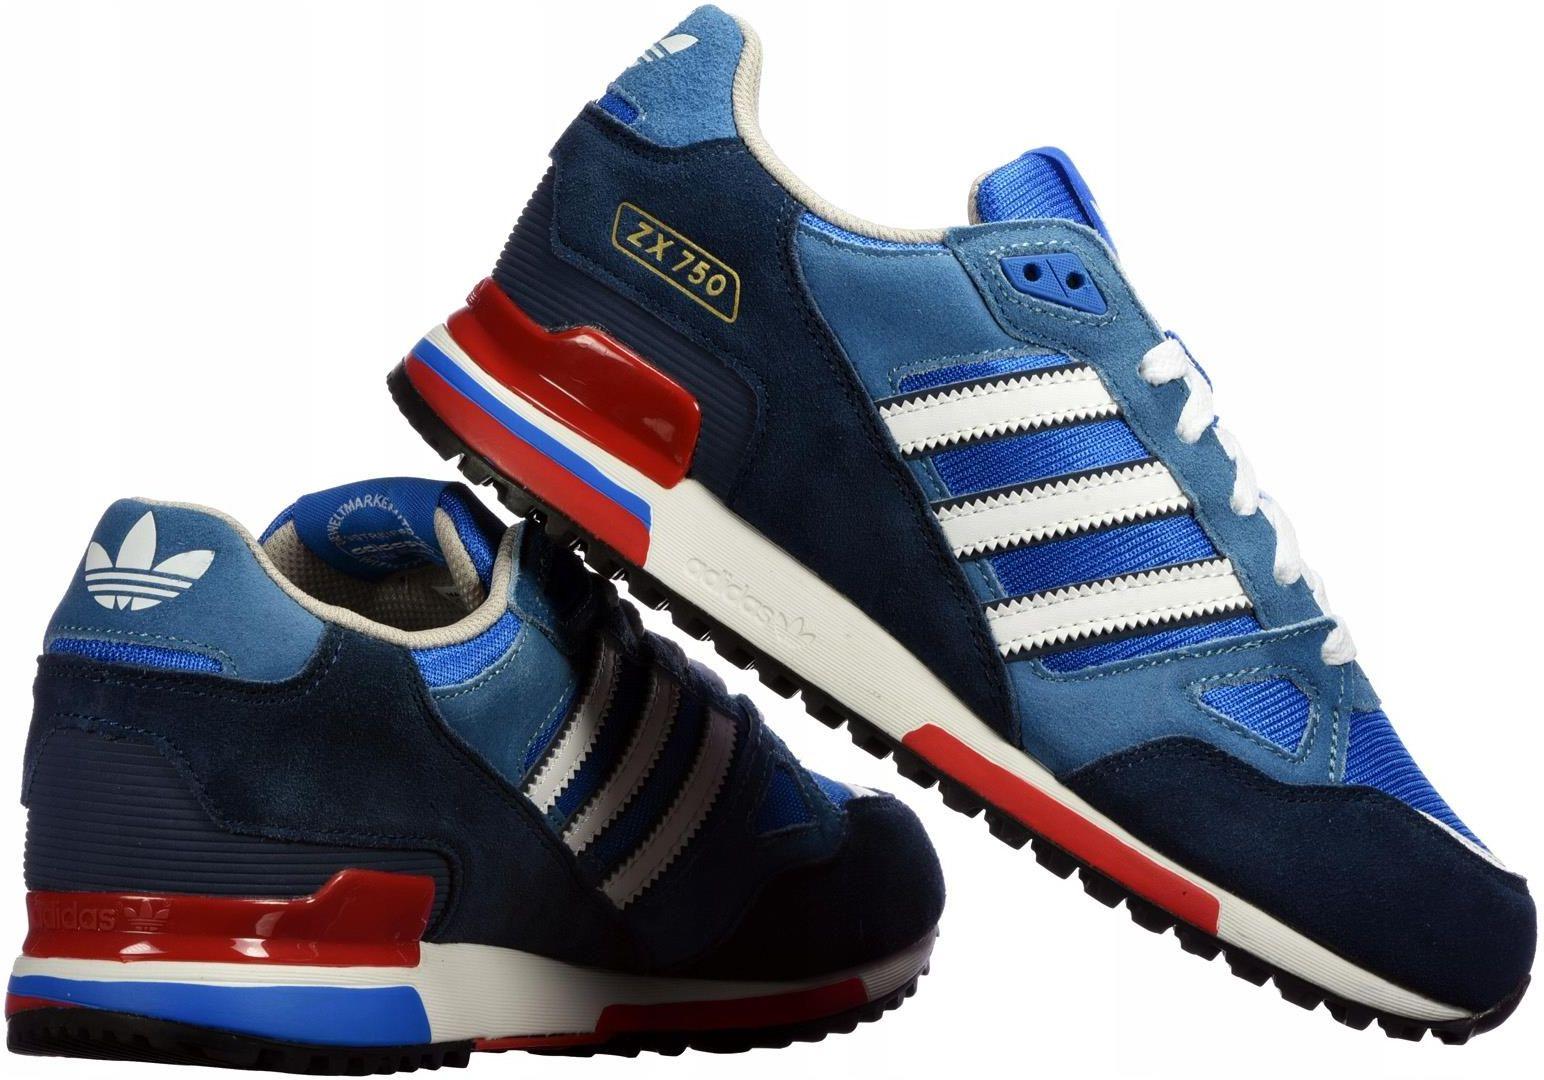 Buty męskie adidas Originals ZX750 G96718 r 43,3 Ceny i opinie Ceneo.pl